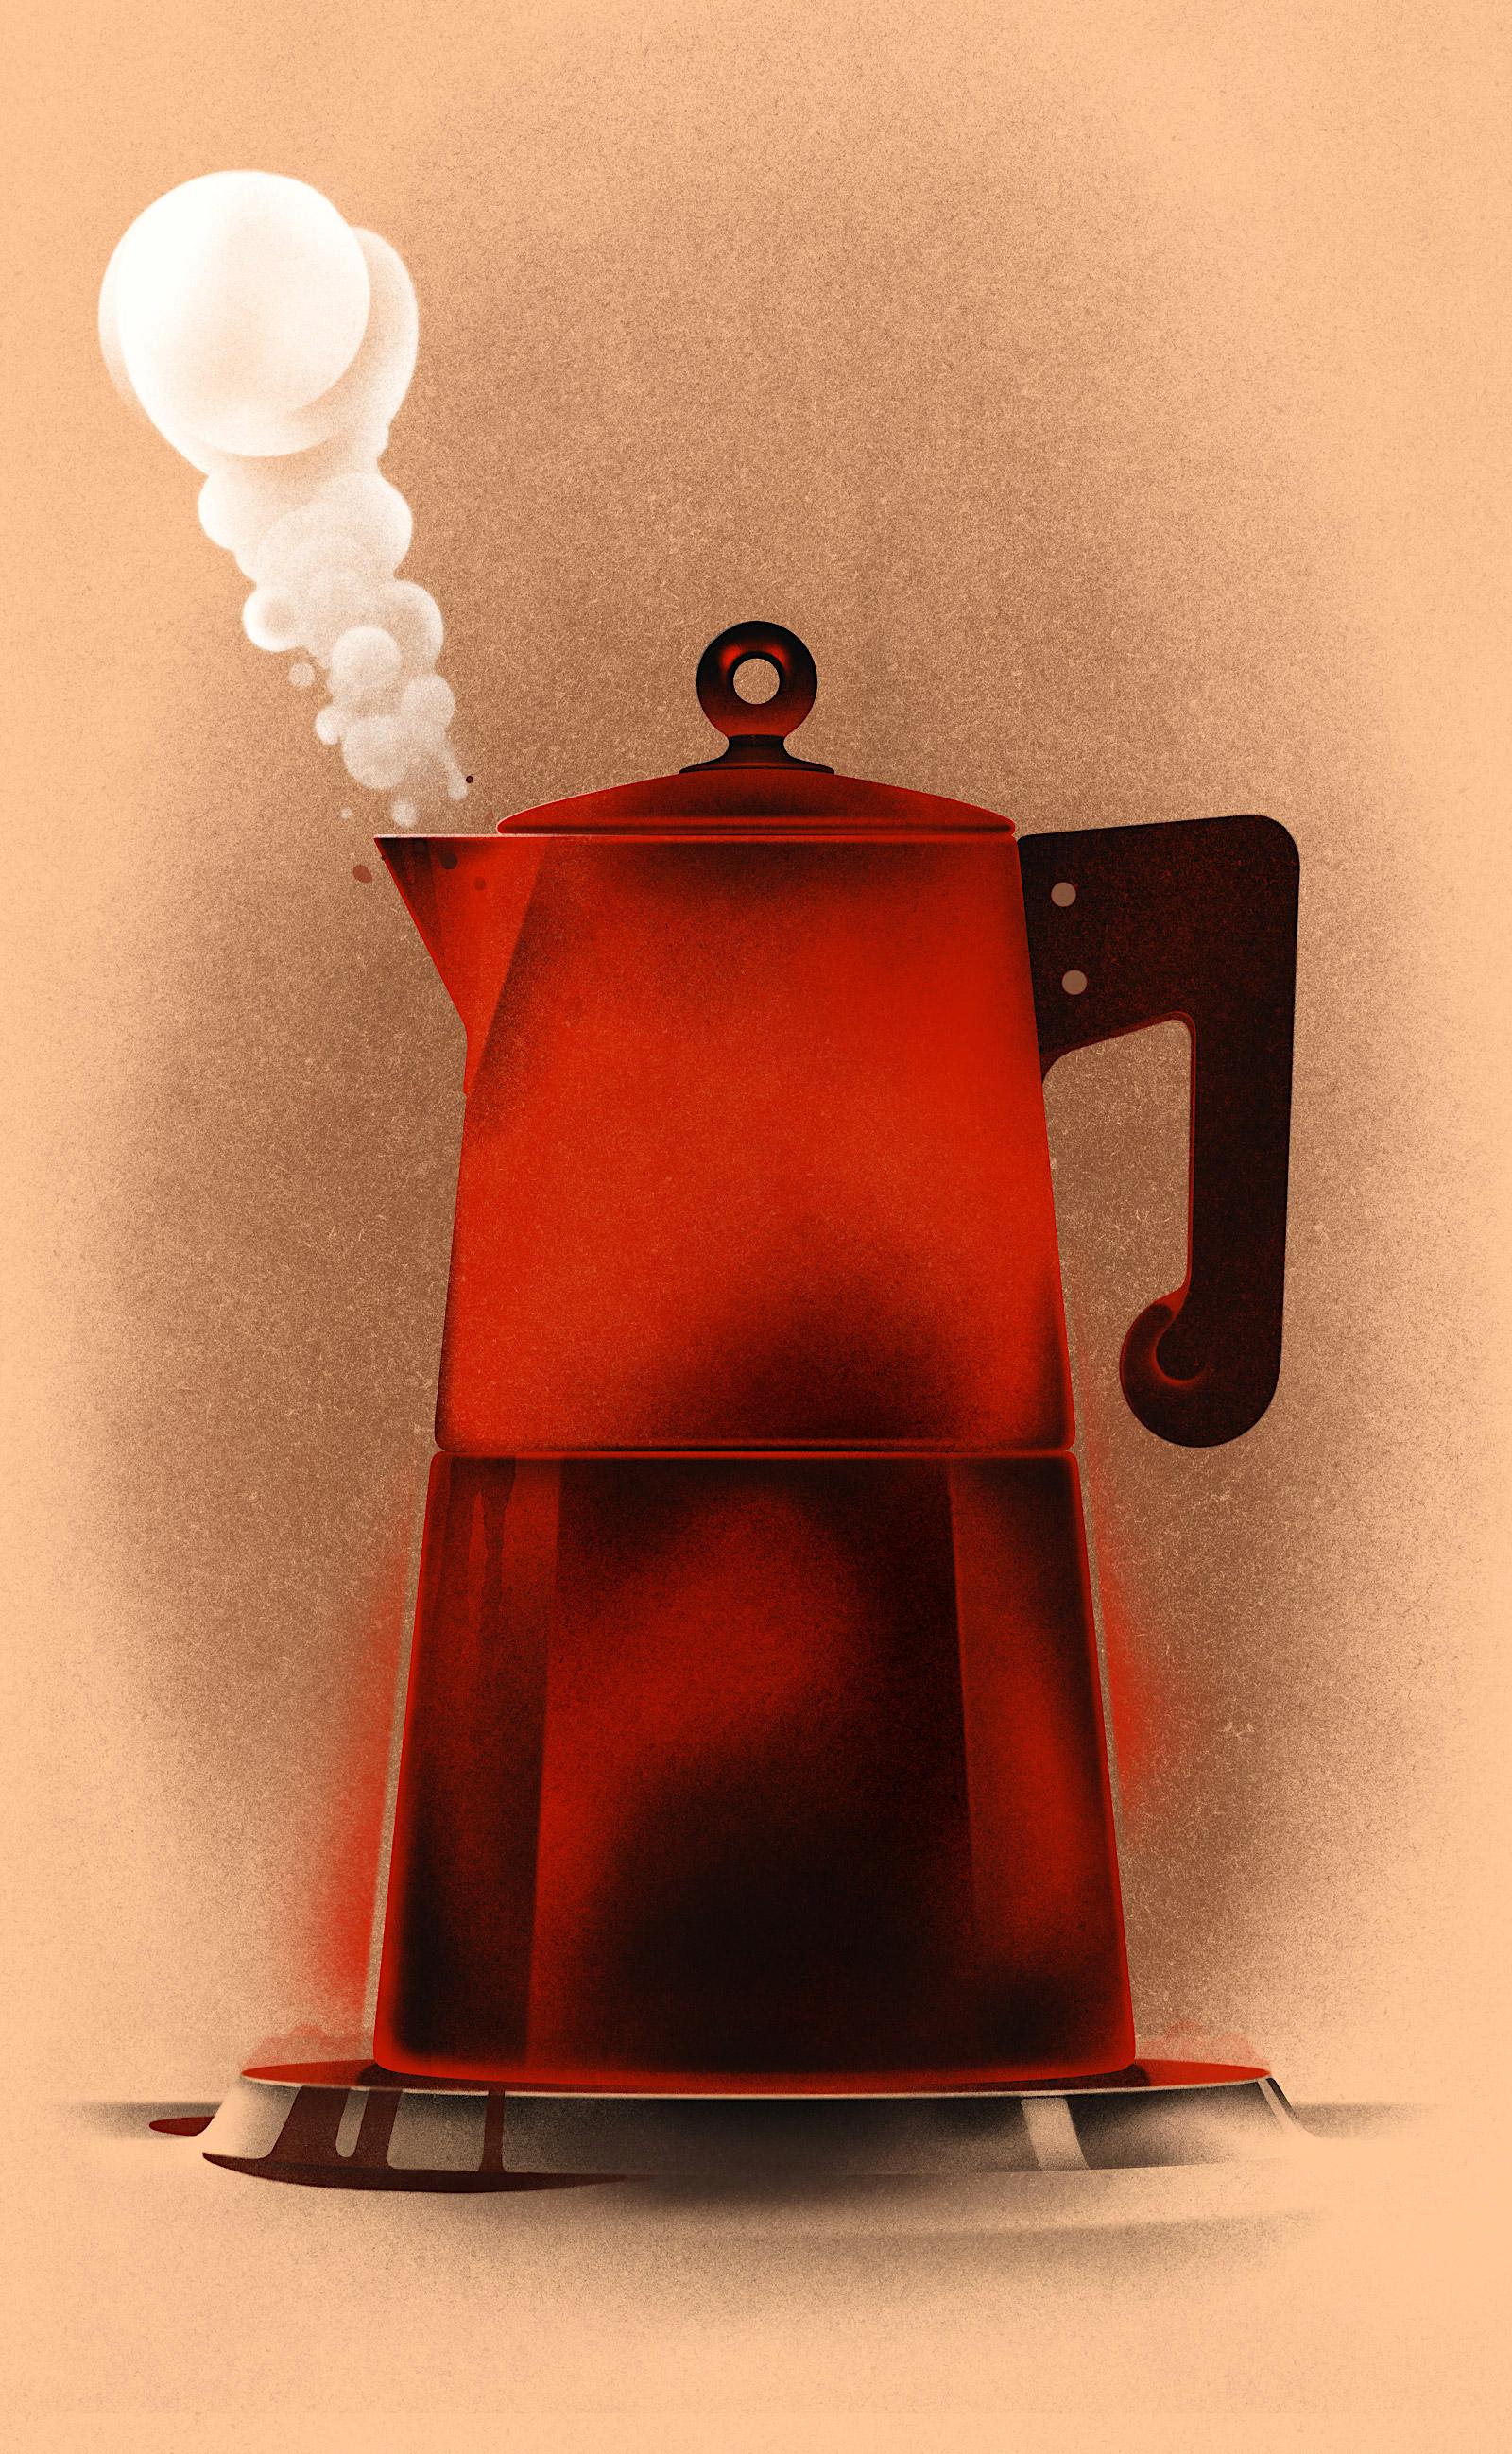 mocha-coffee-pot-strautniekas.jpg